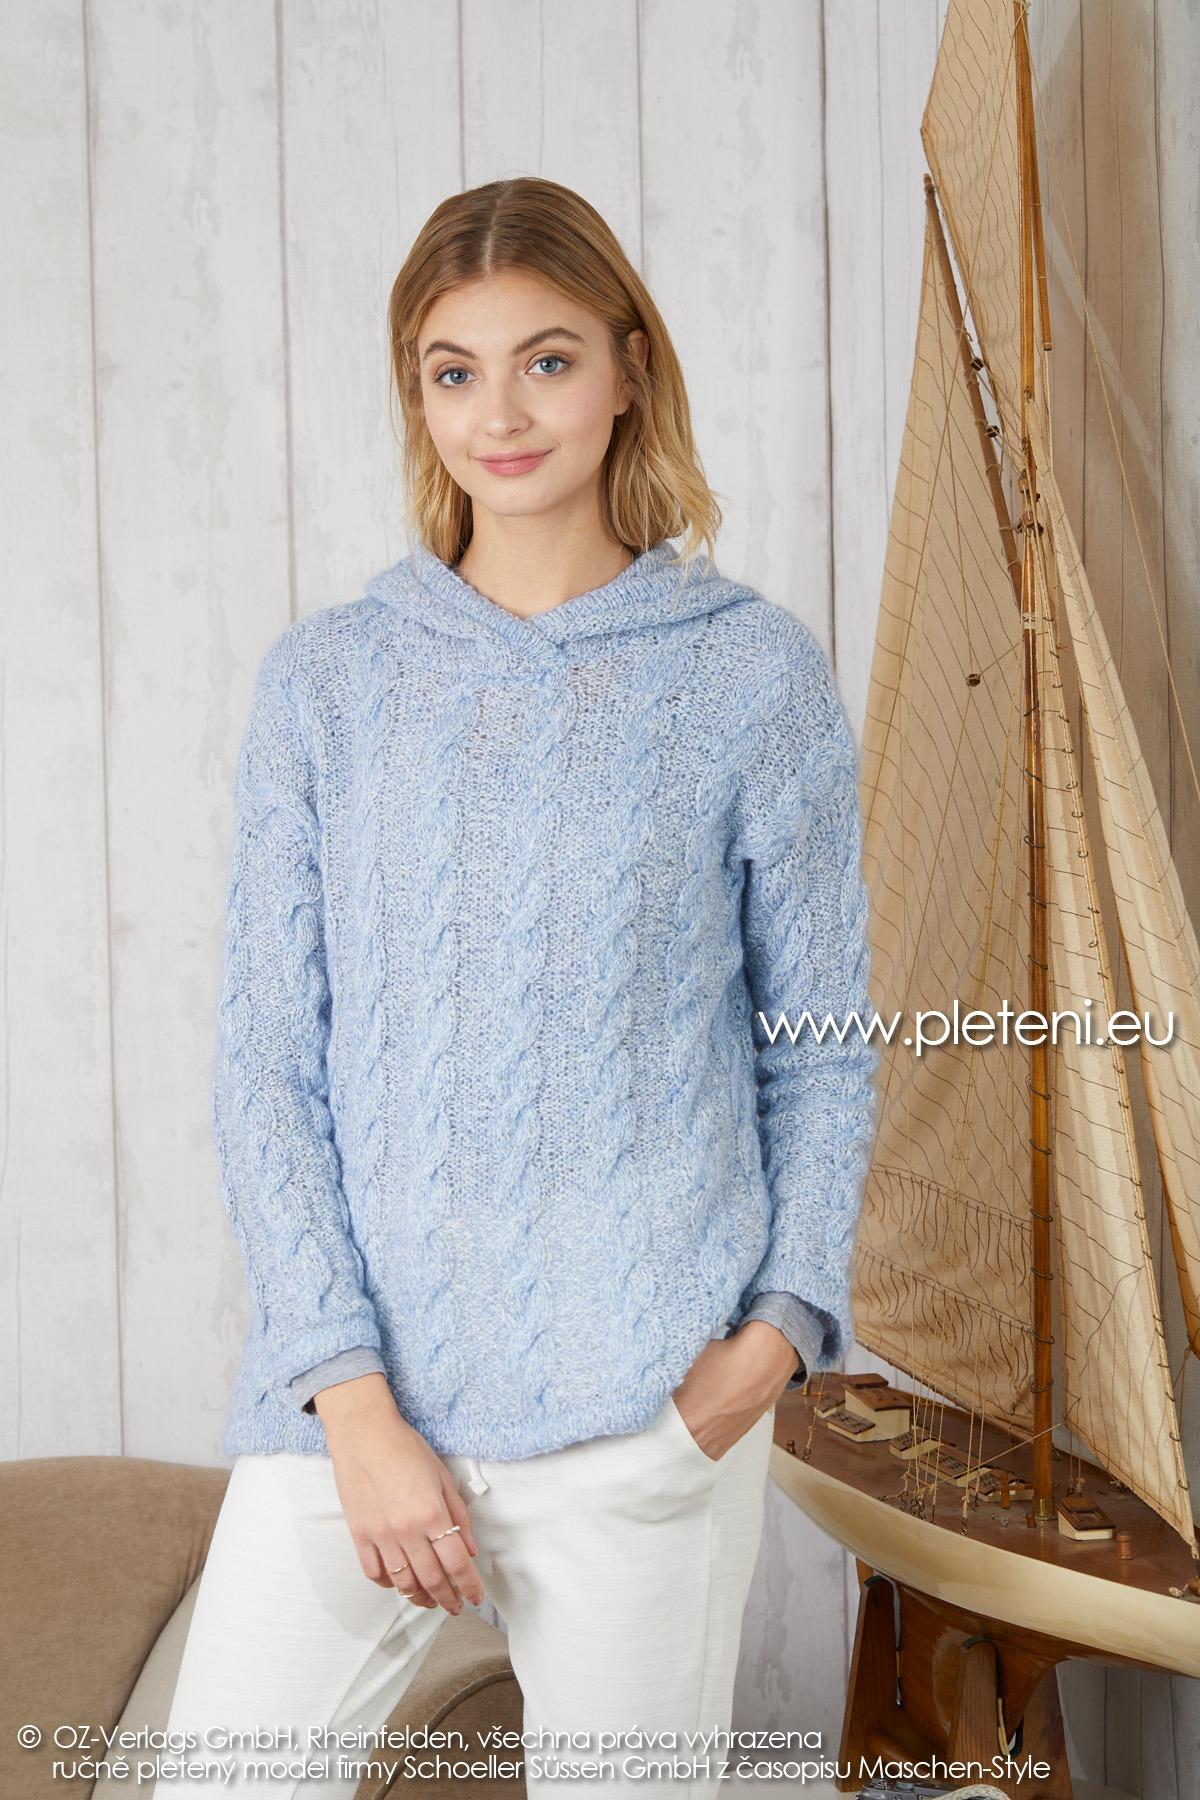 2019-Z-11 pletený dámský svetr s kapucí z příze Mohair Dream značky Austermann